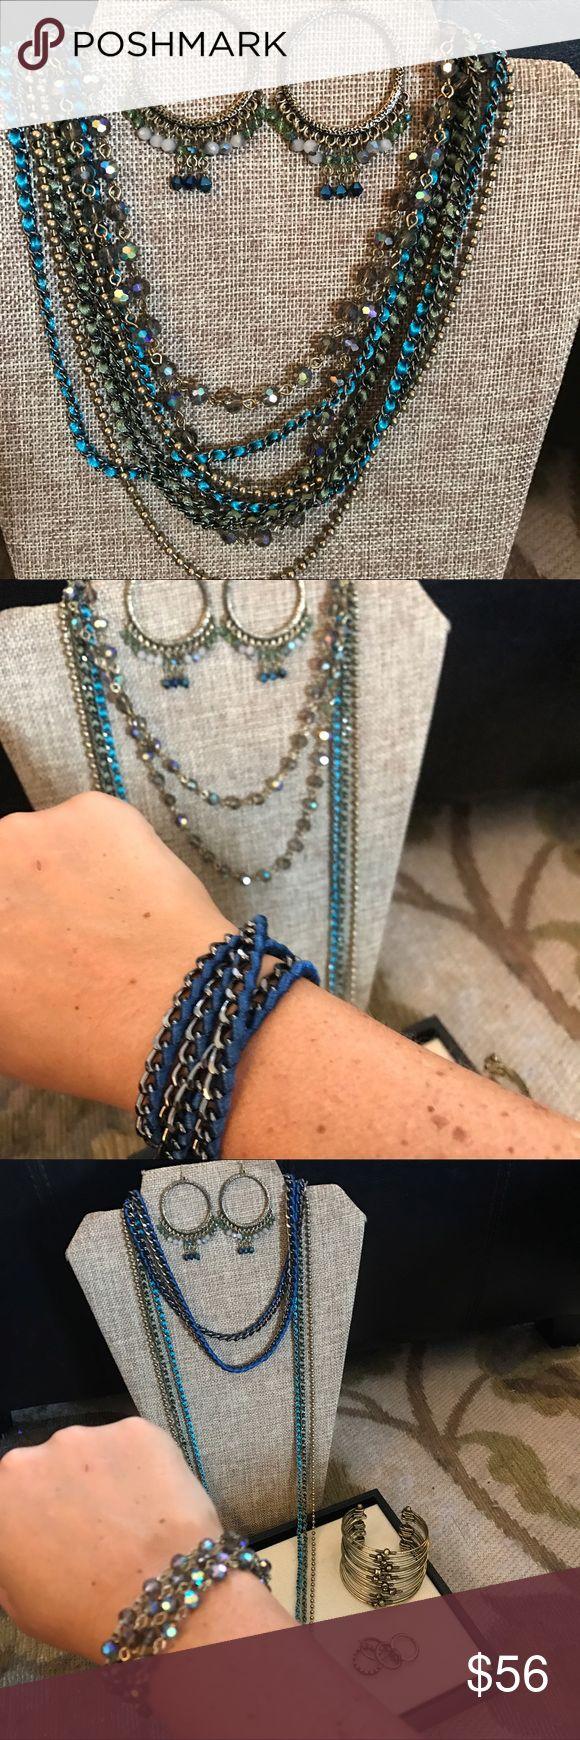 2 Of Set 💥 Cape Cod Necklace & Earring Set Boutique